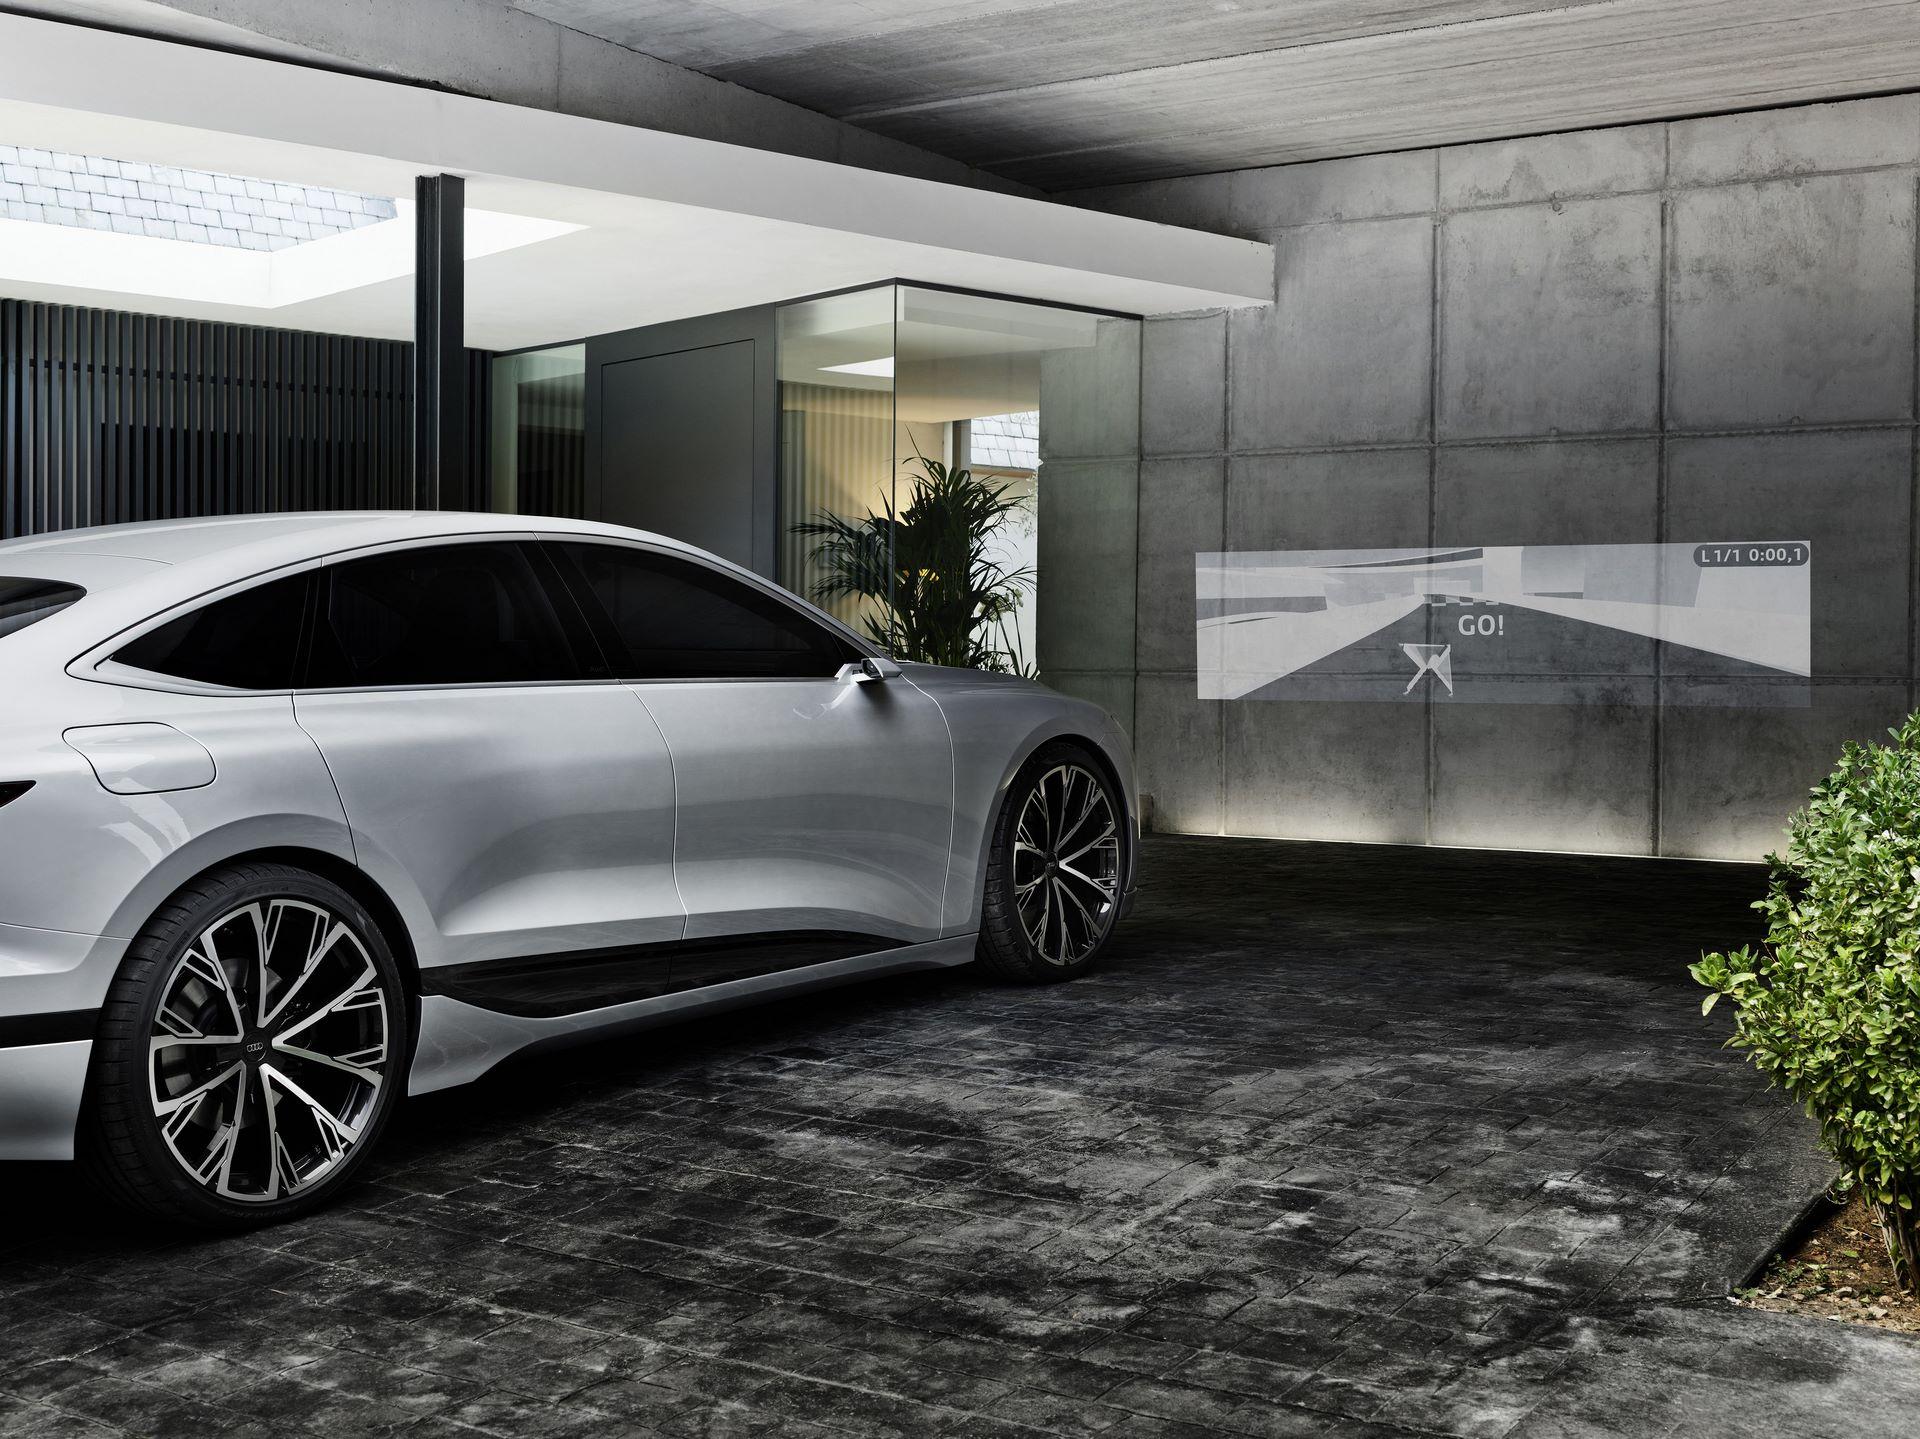 Audi-A6-e-tron-concept-55